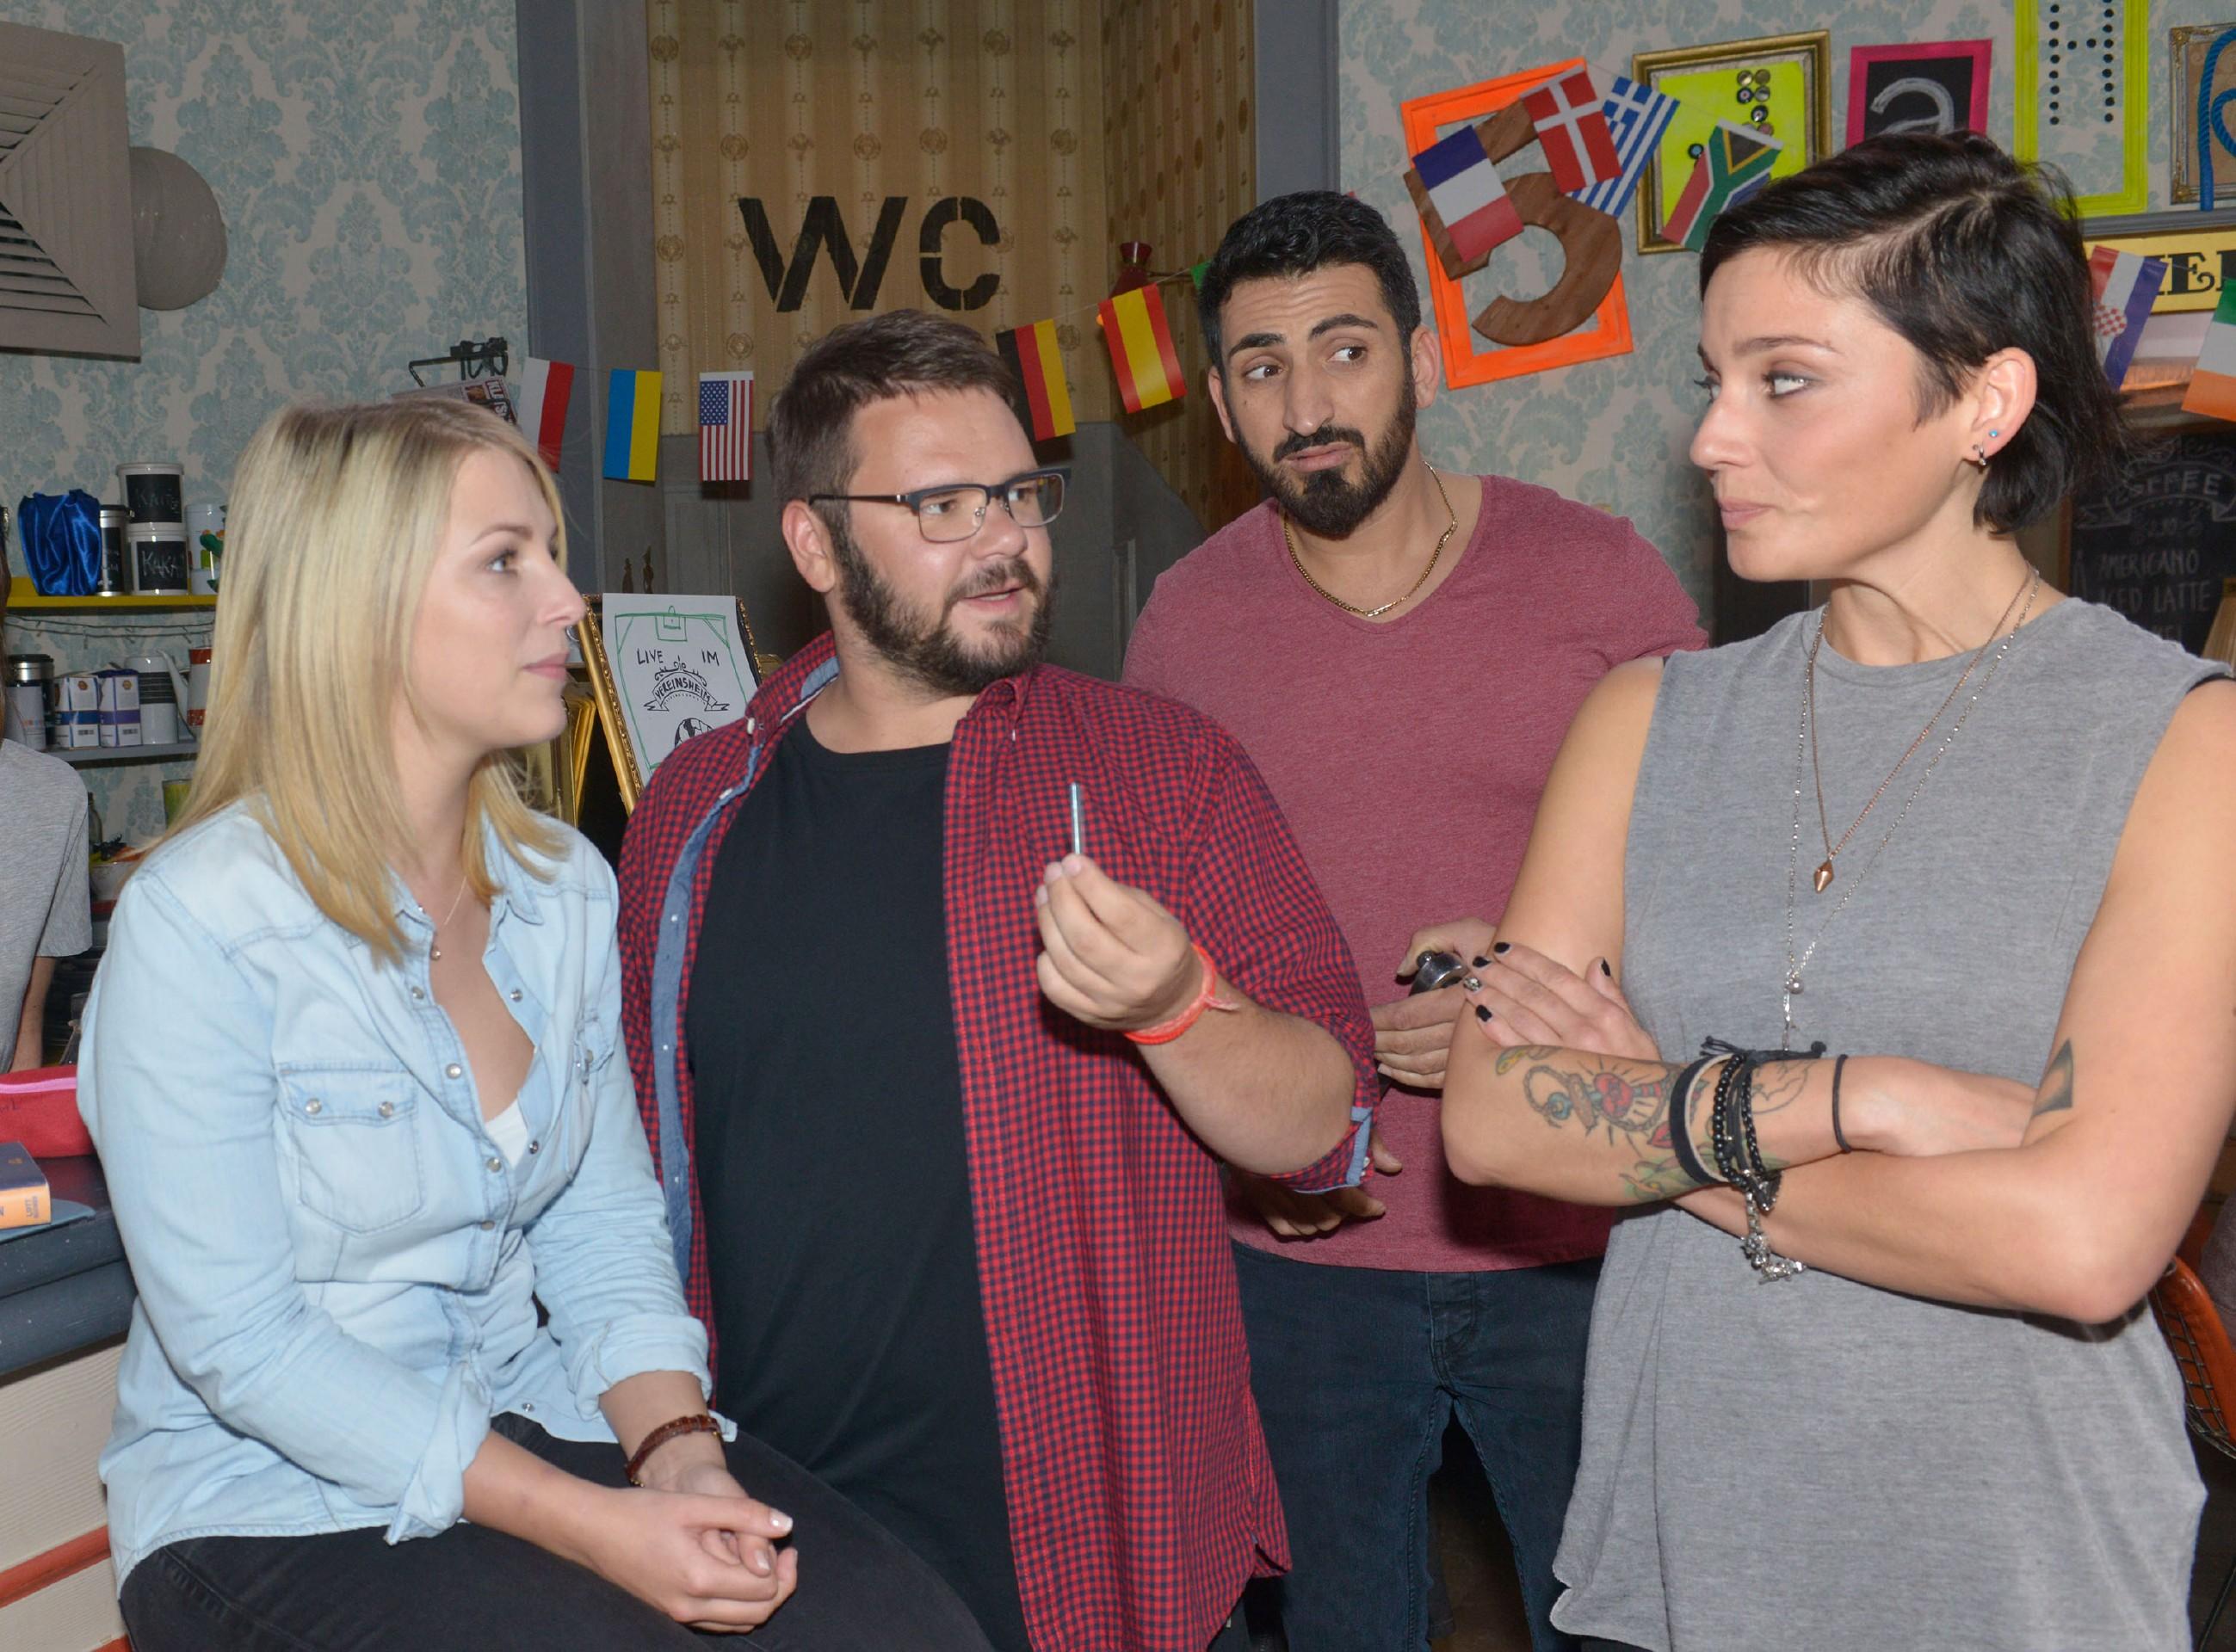 Eine neue Röstmaschine im Vereinsheim sorgt bei Lilly (Iris Mareike Steen, l.), Tuner (Thomas Drechsel), Mesut (Mustafa Alin) und Anni (Linda Marlen Runge) für Aufsehen. (Quelle: RTL / Rolf Baumgartner)